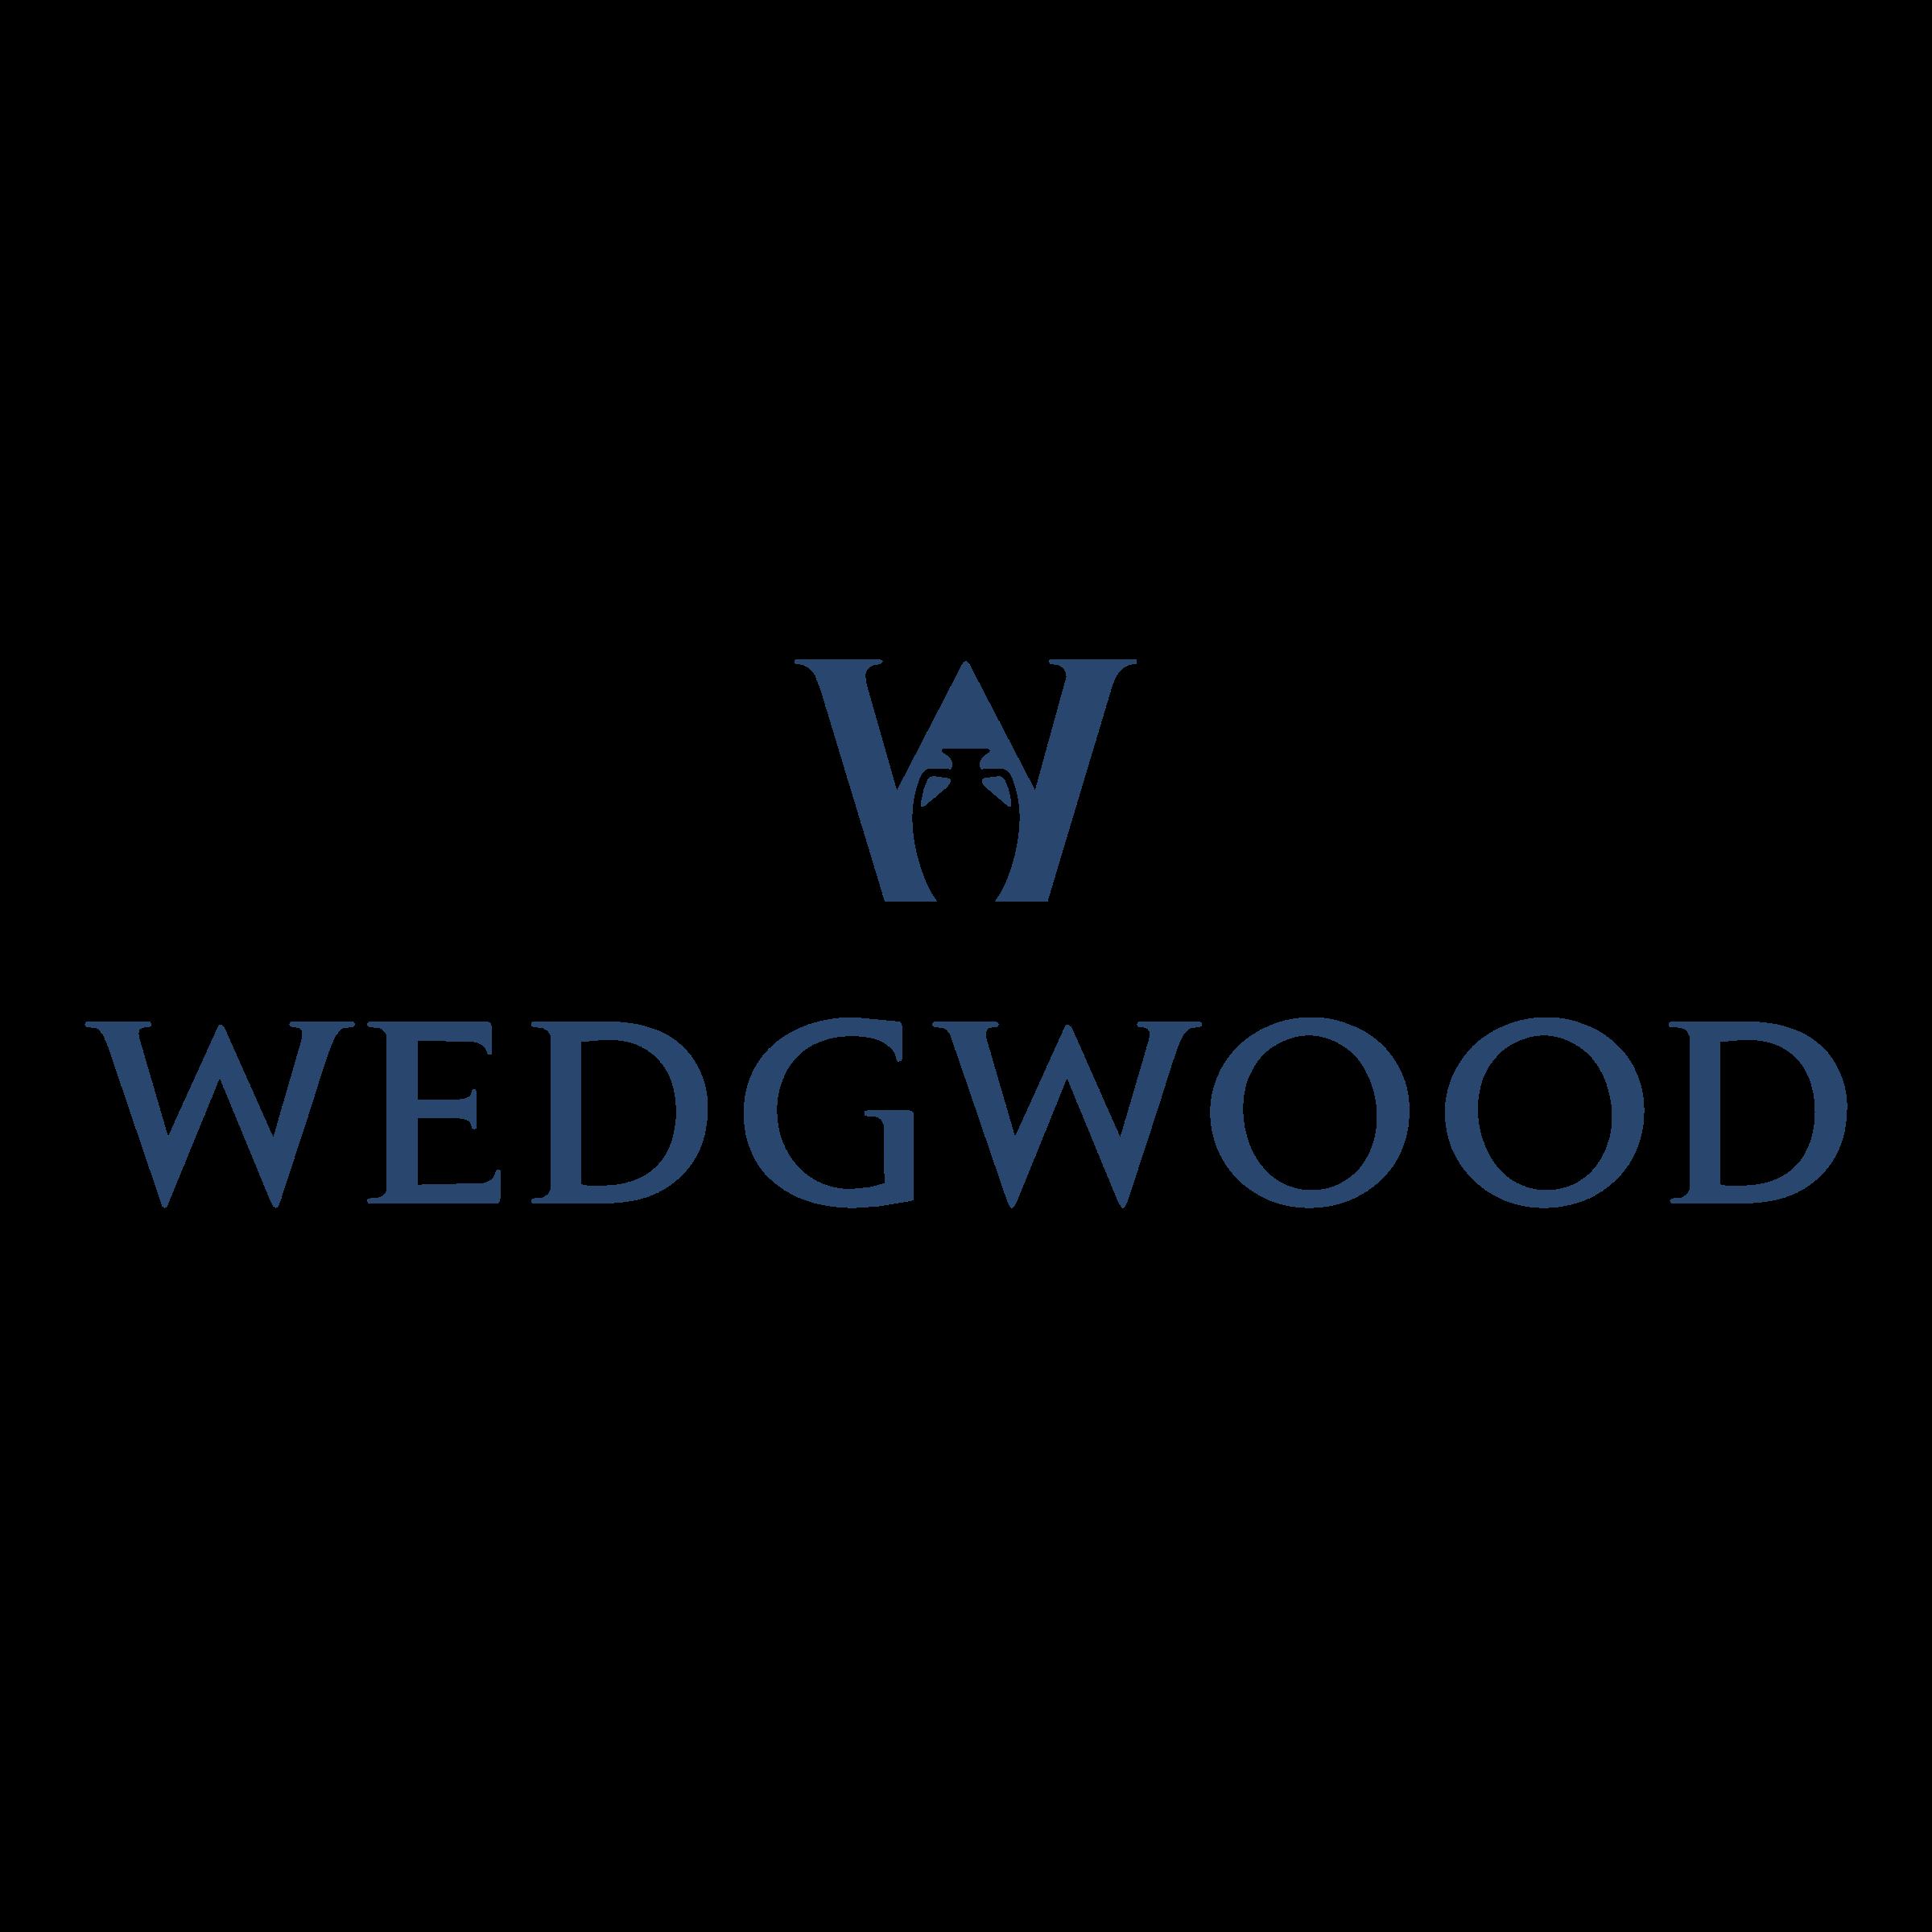 Afbeeldingsresultaat voor wedgwood logo